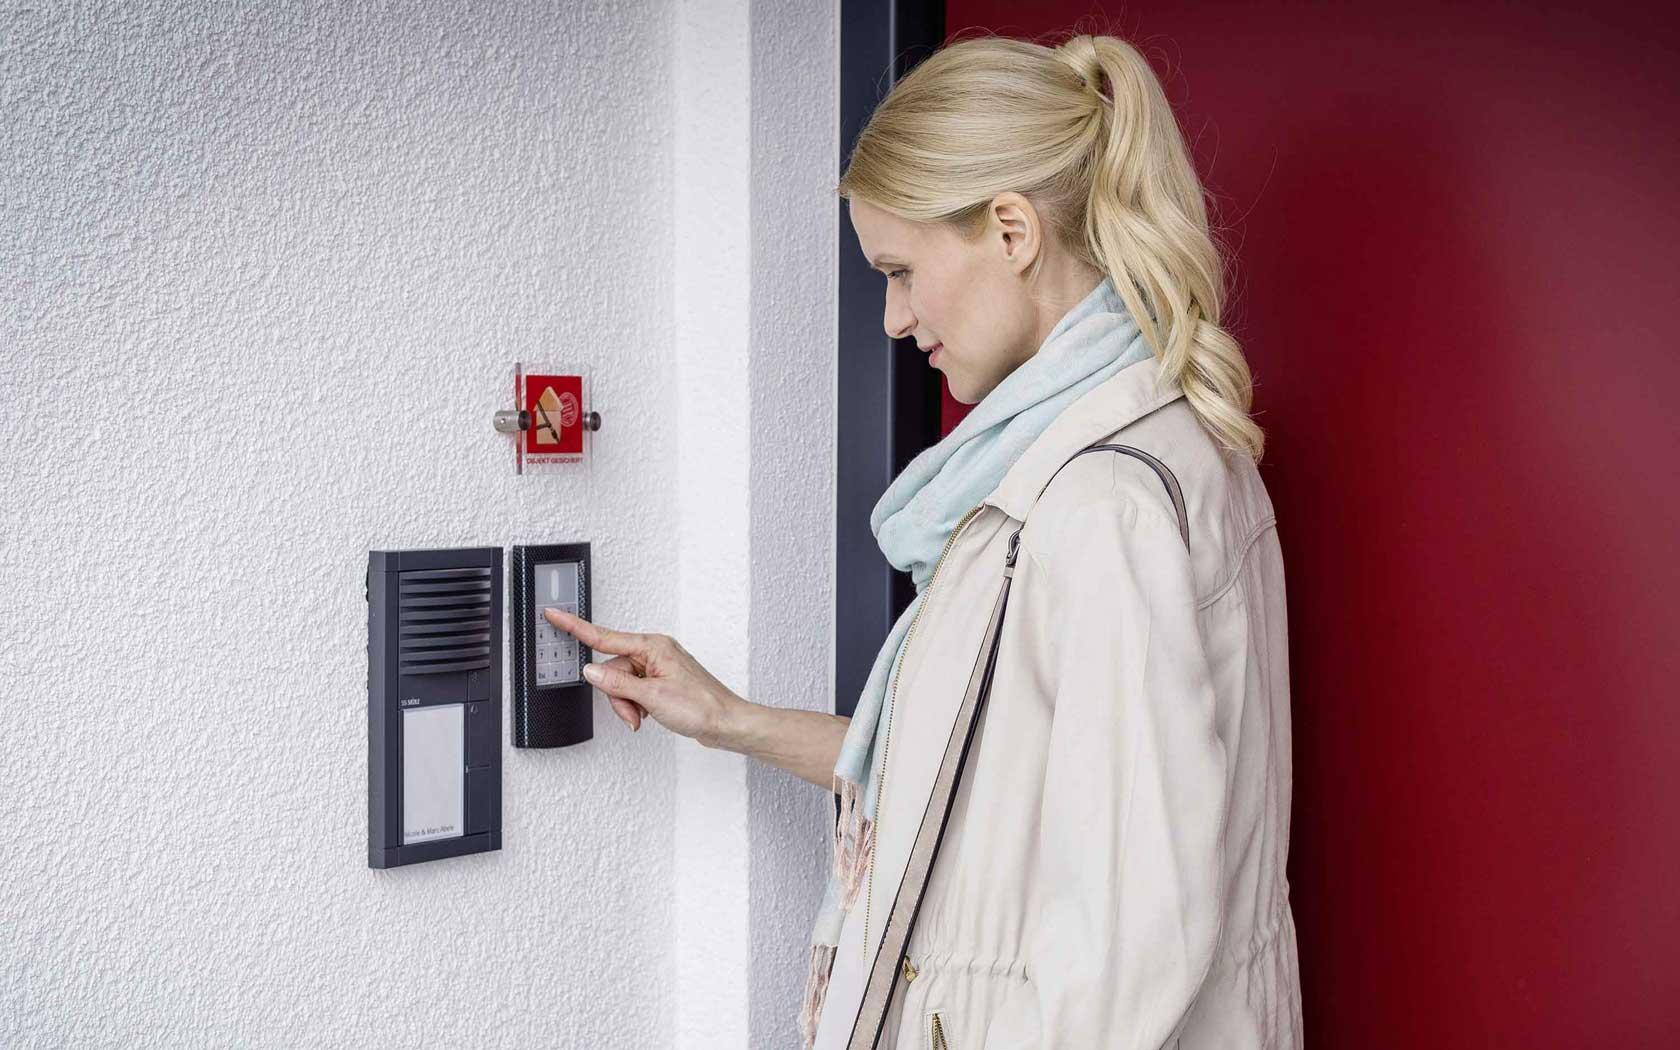 Teldanet GmbH: Smart Home Sicherheit & Wohlfühlen